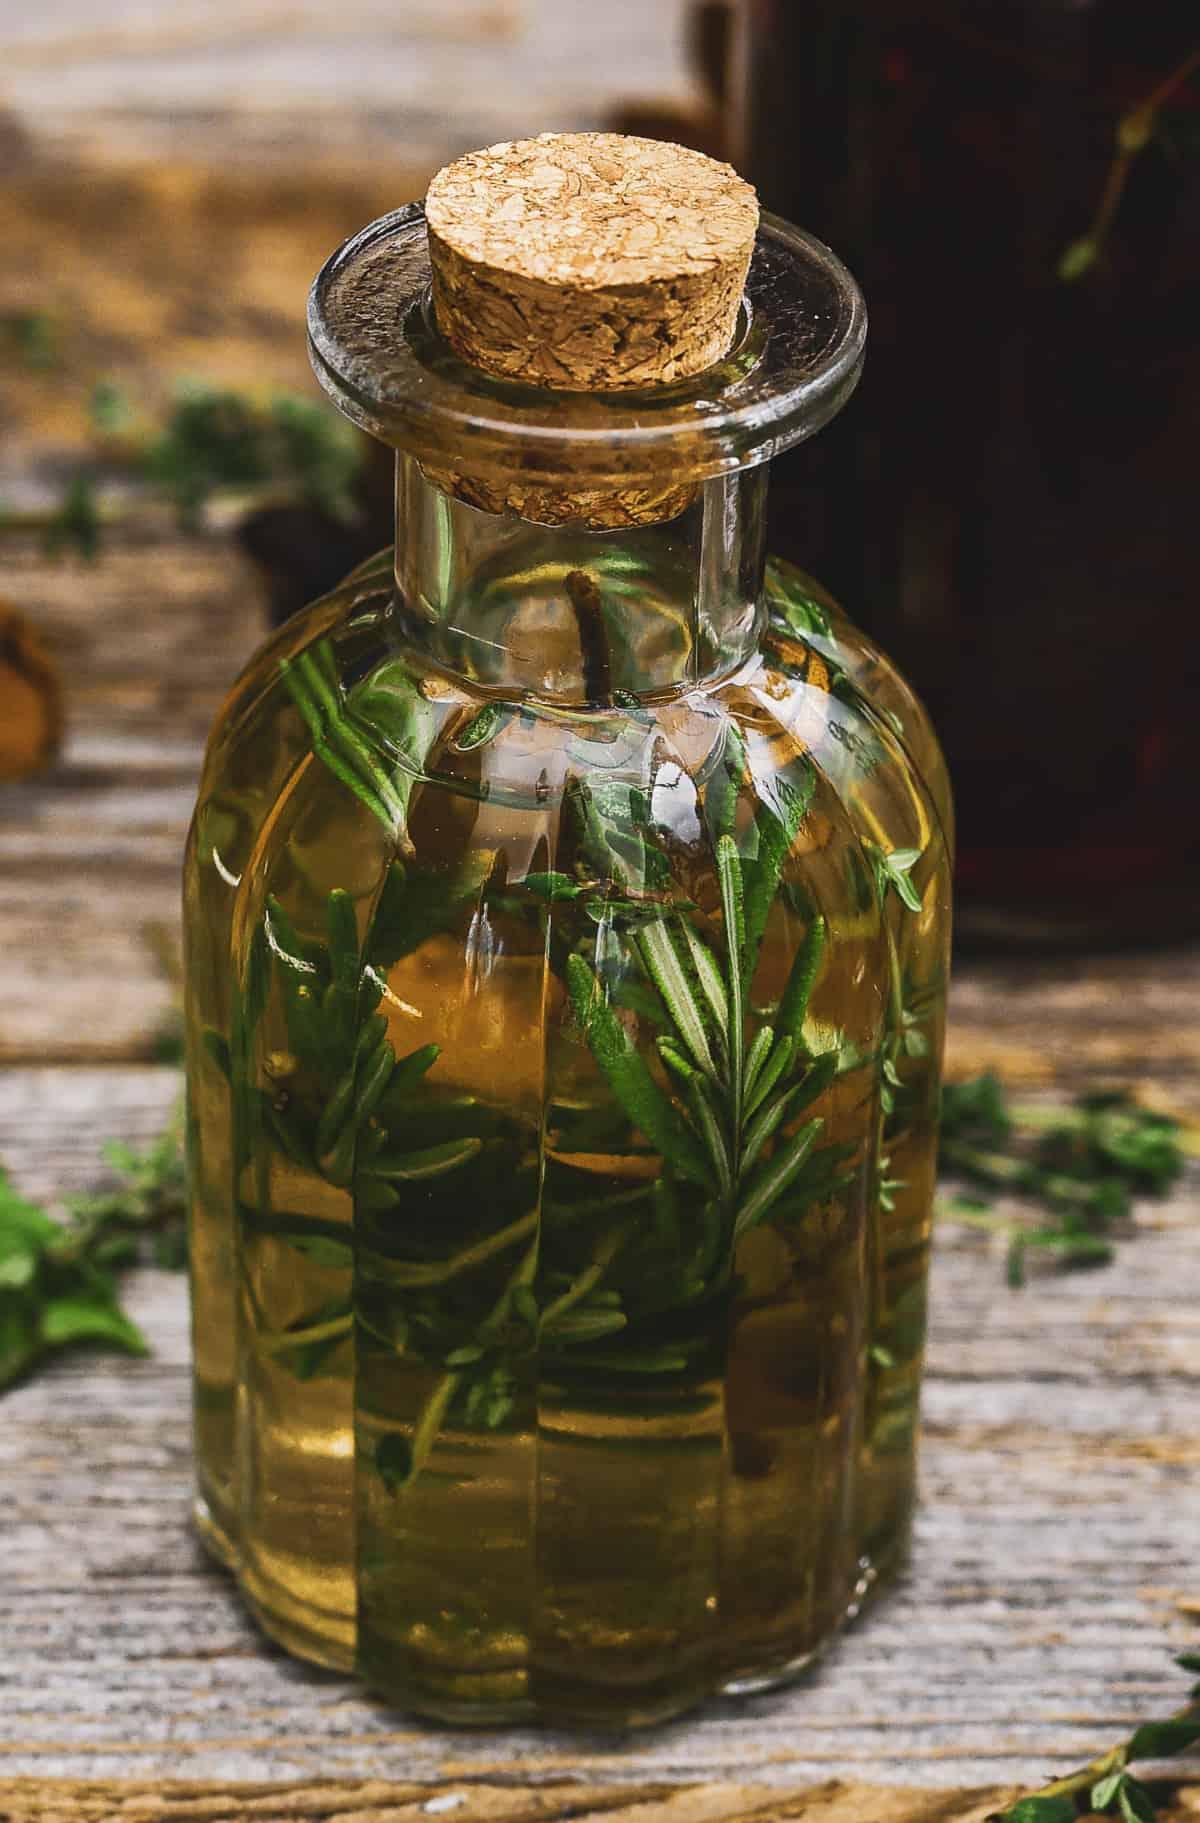 Herb vinegar in small jar.